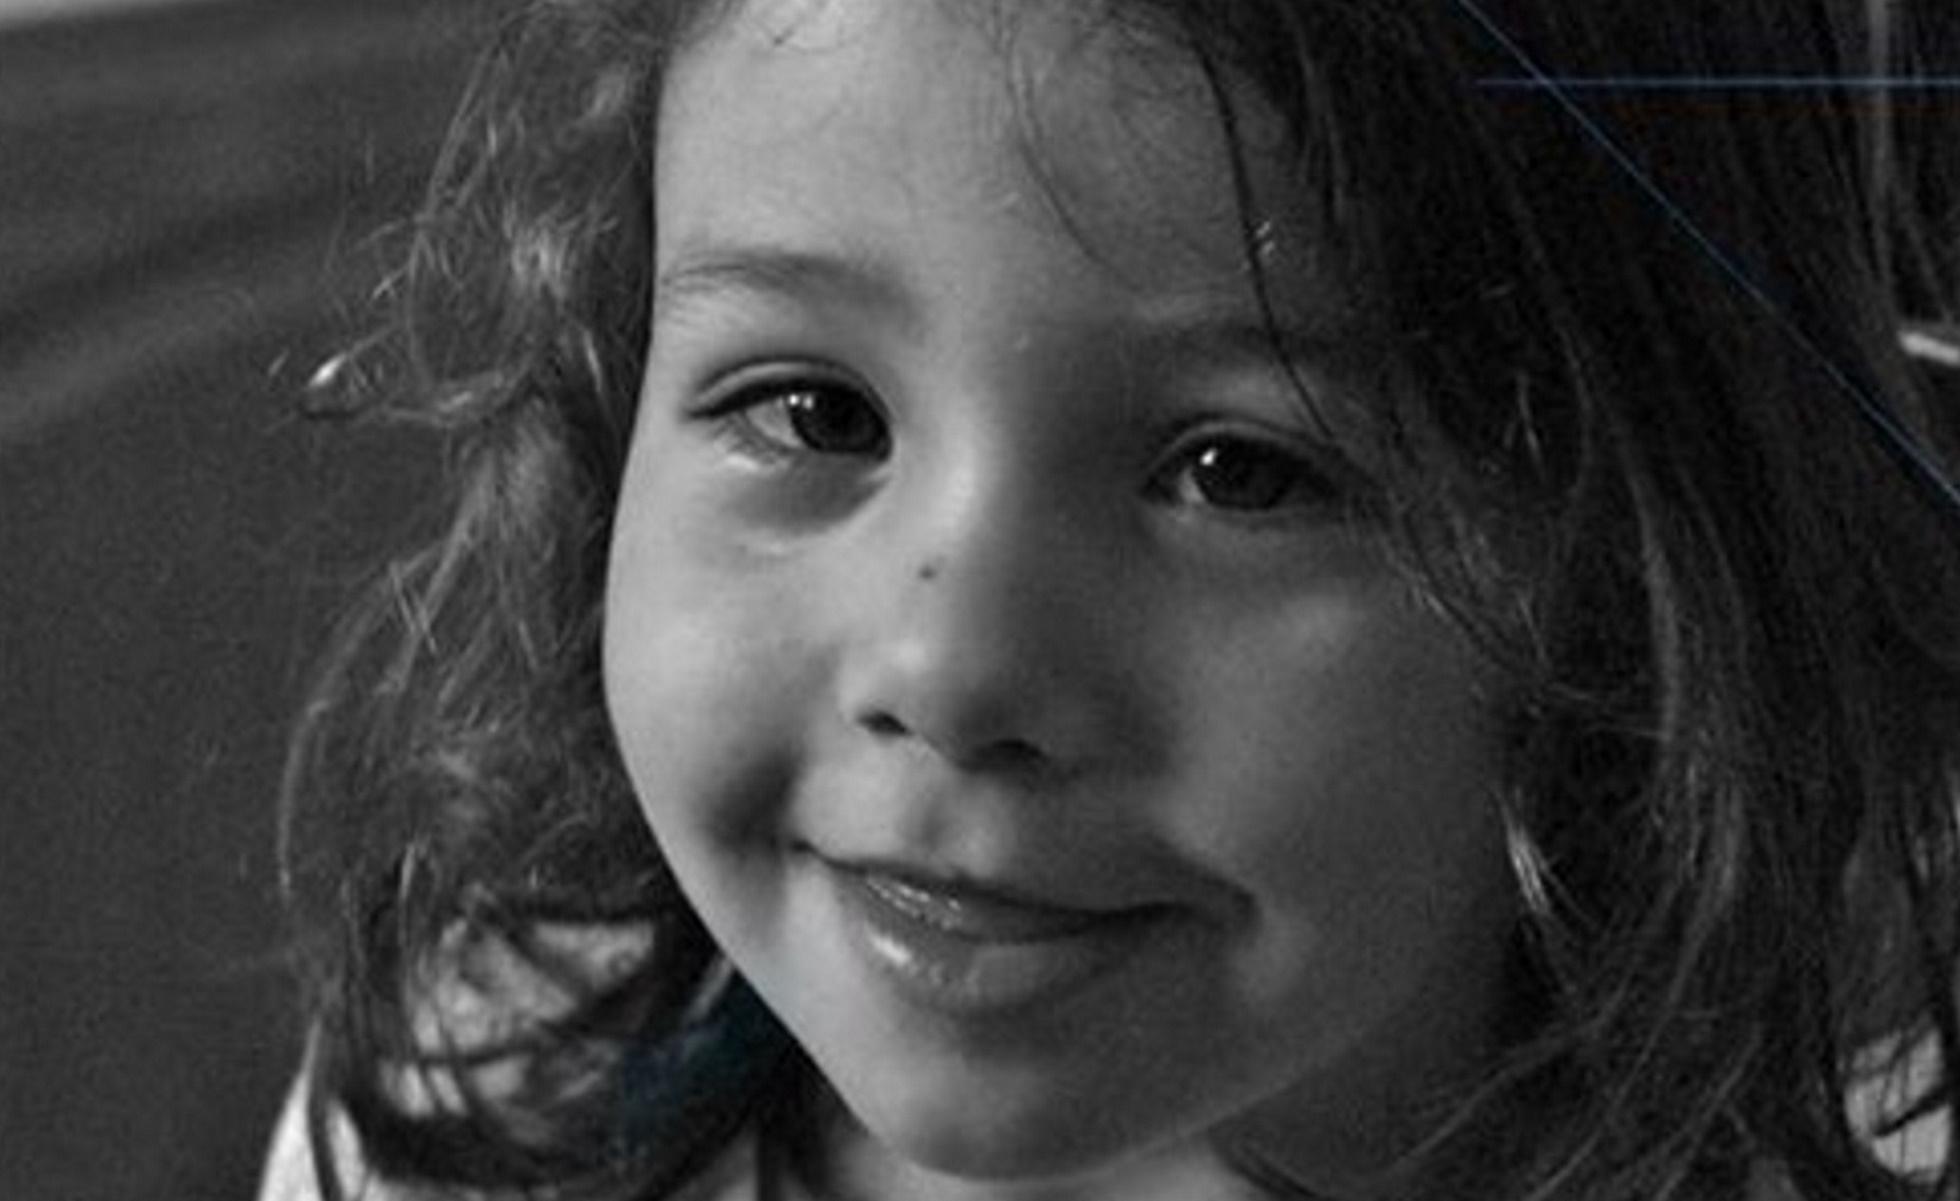 Κρήτη – μικρή Μελίνα: Ξέσπασε ο τραγικός πατέρας για τη νέα διακοπή στη δίκη της αναισθησιολόγου